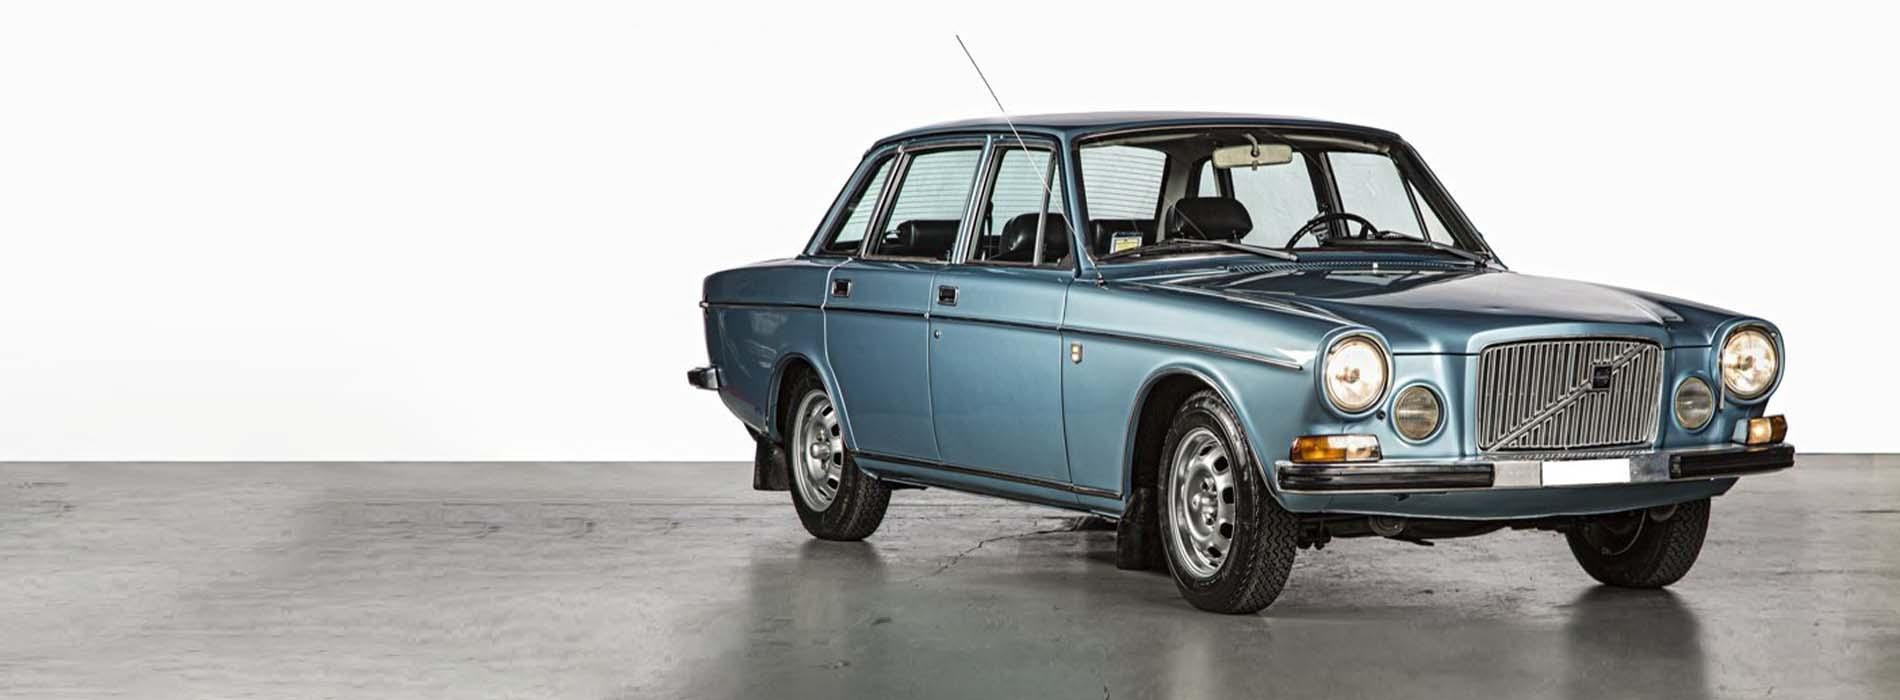 Volvo 164 E 1972